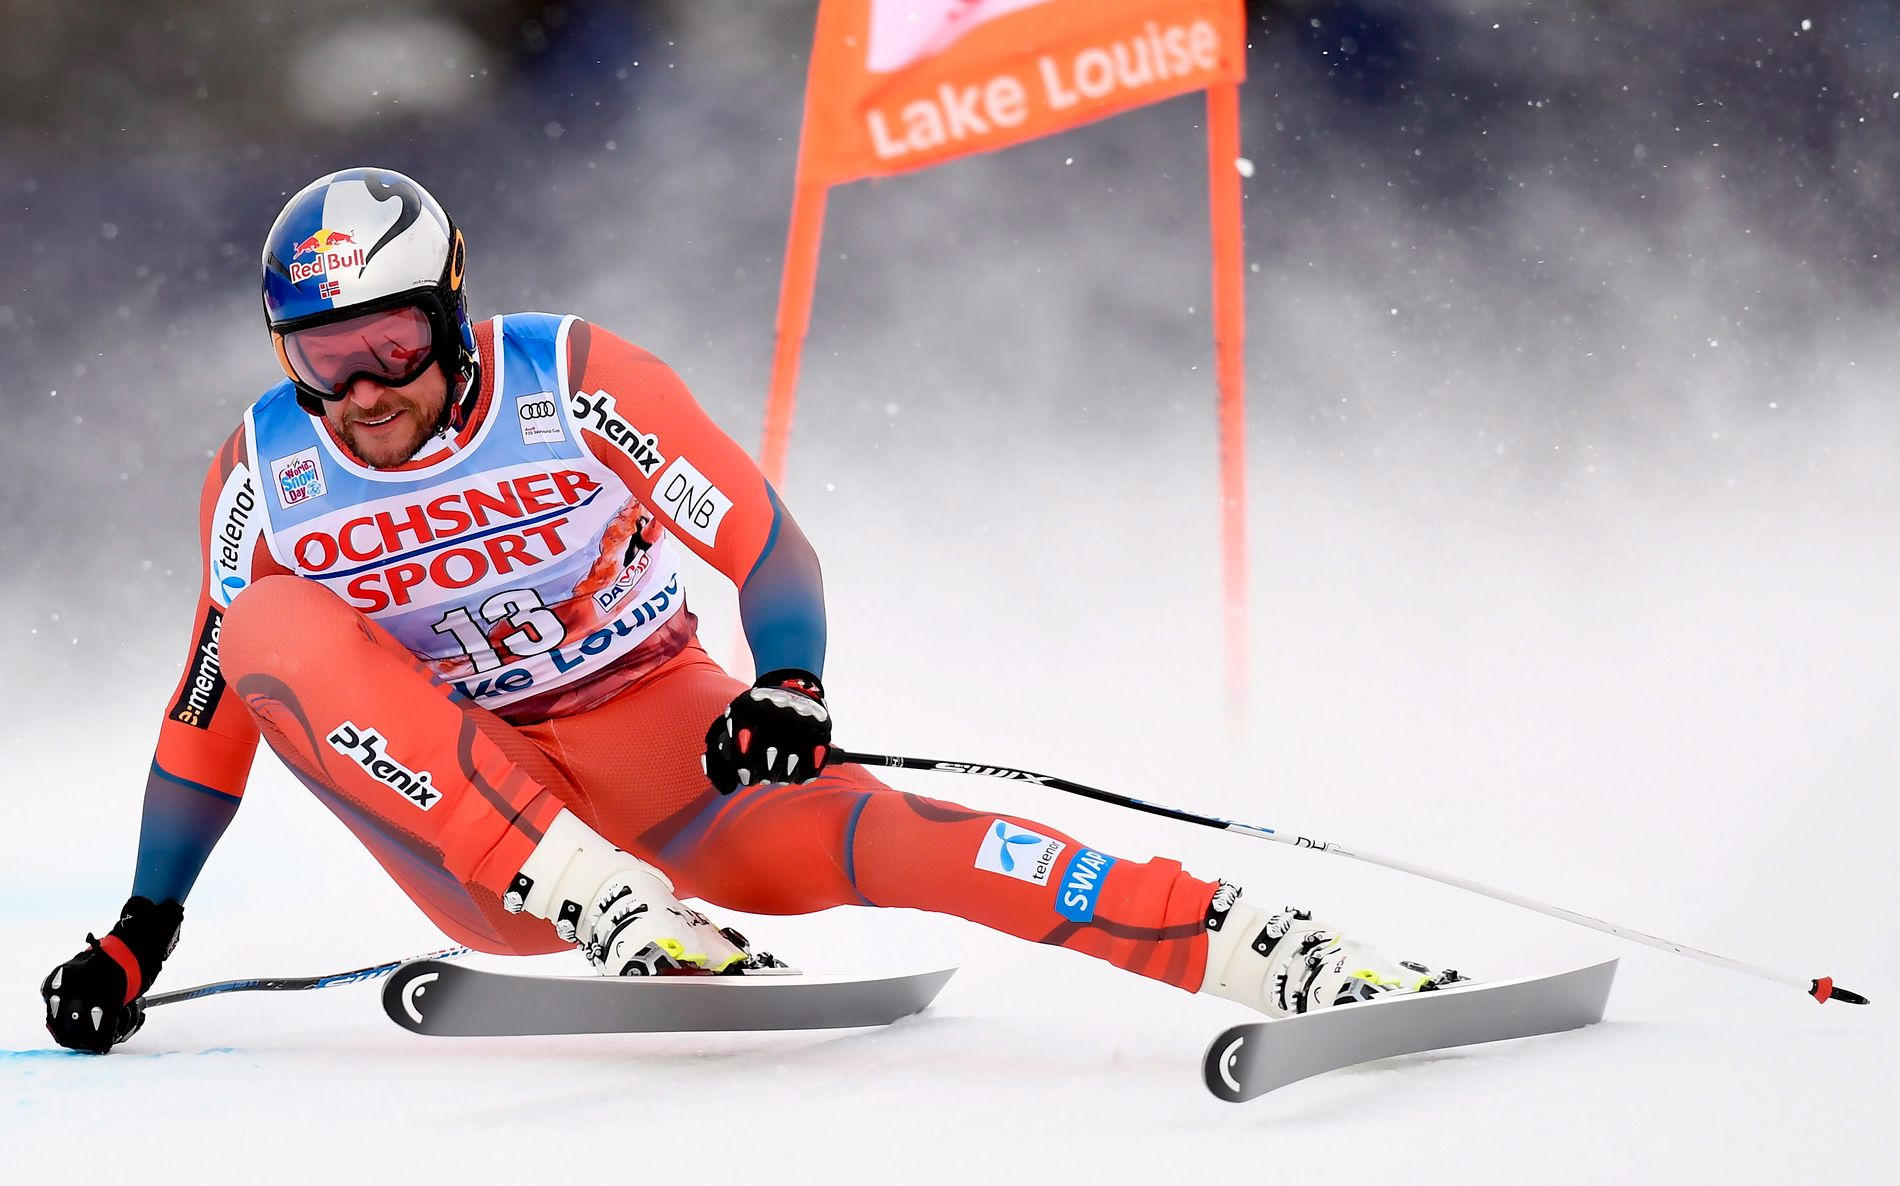 TILBAKE MED STIL: Aksel Lund Svindal under fredagens trening i utforløypa i Lake Louis.